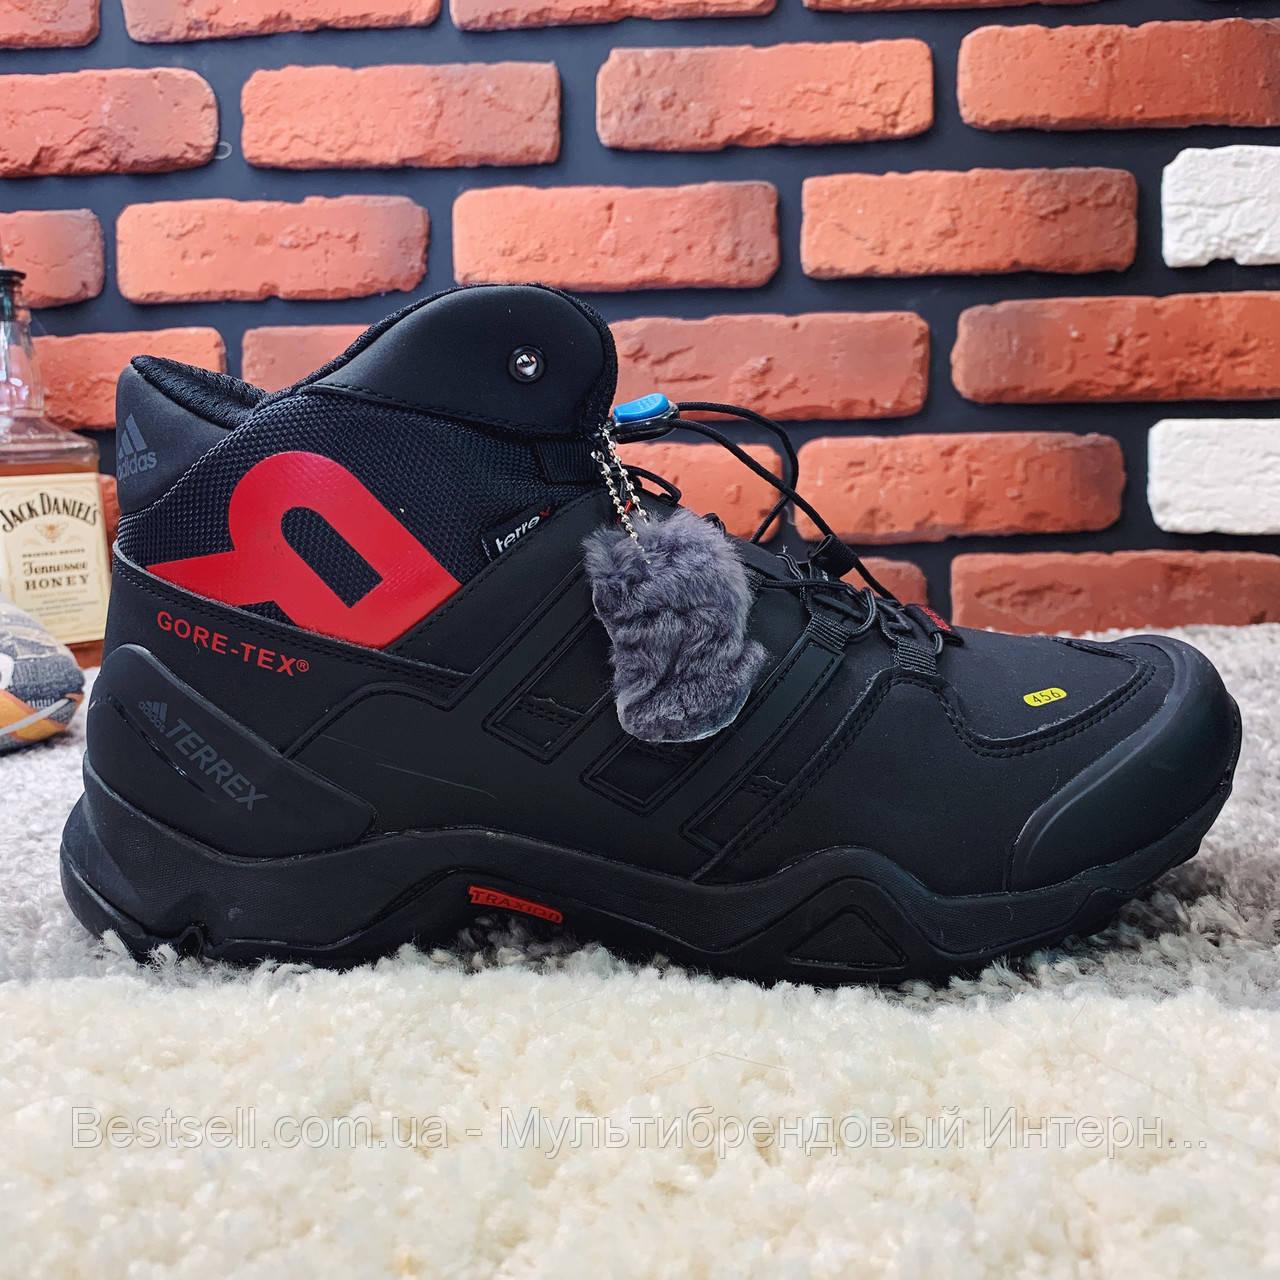 Зимние ботинки (на меху) Adidas Terrex  3-078⏩ [46 последний размер ]